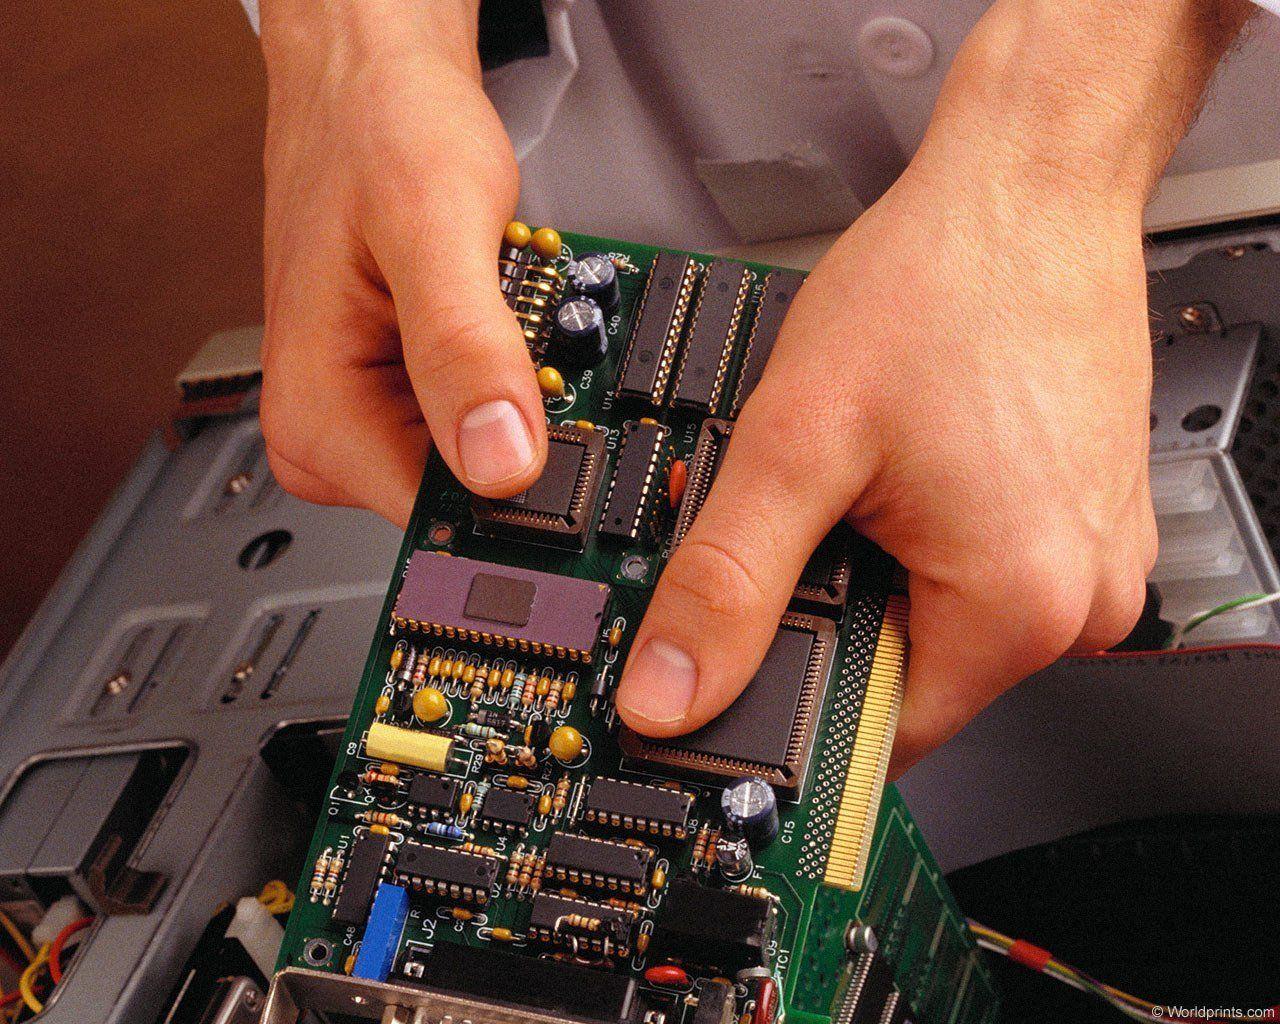 Восстановление работоспособности компьютера своими руками